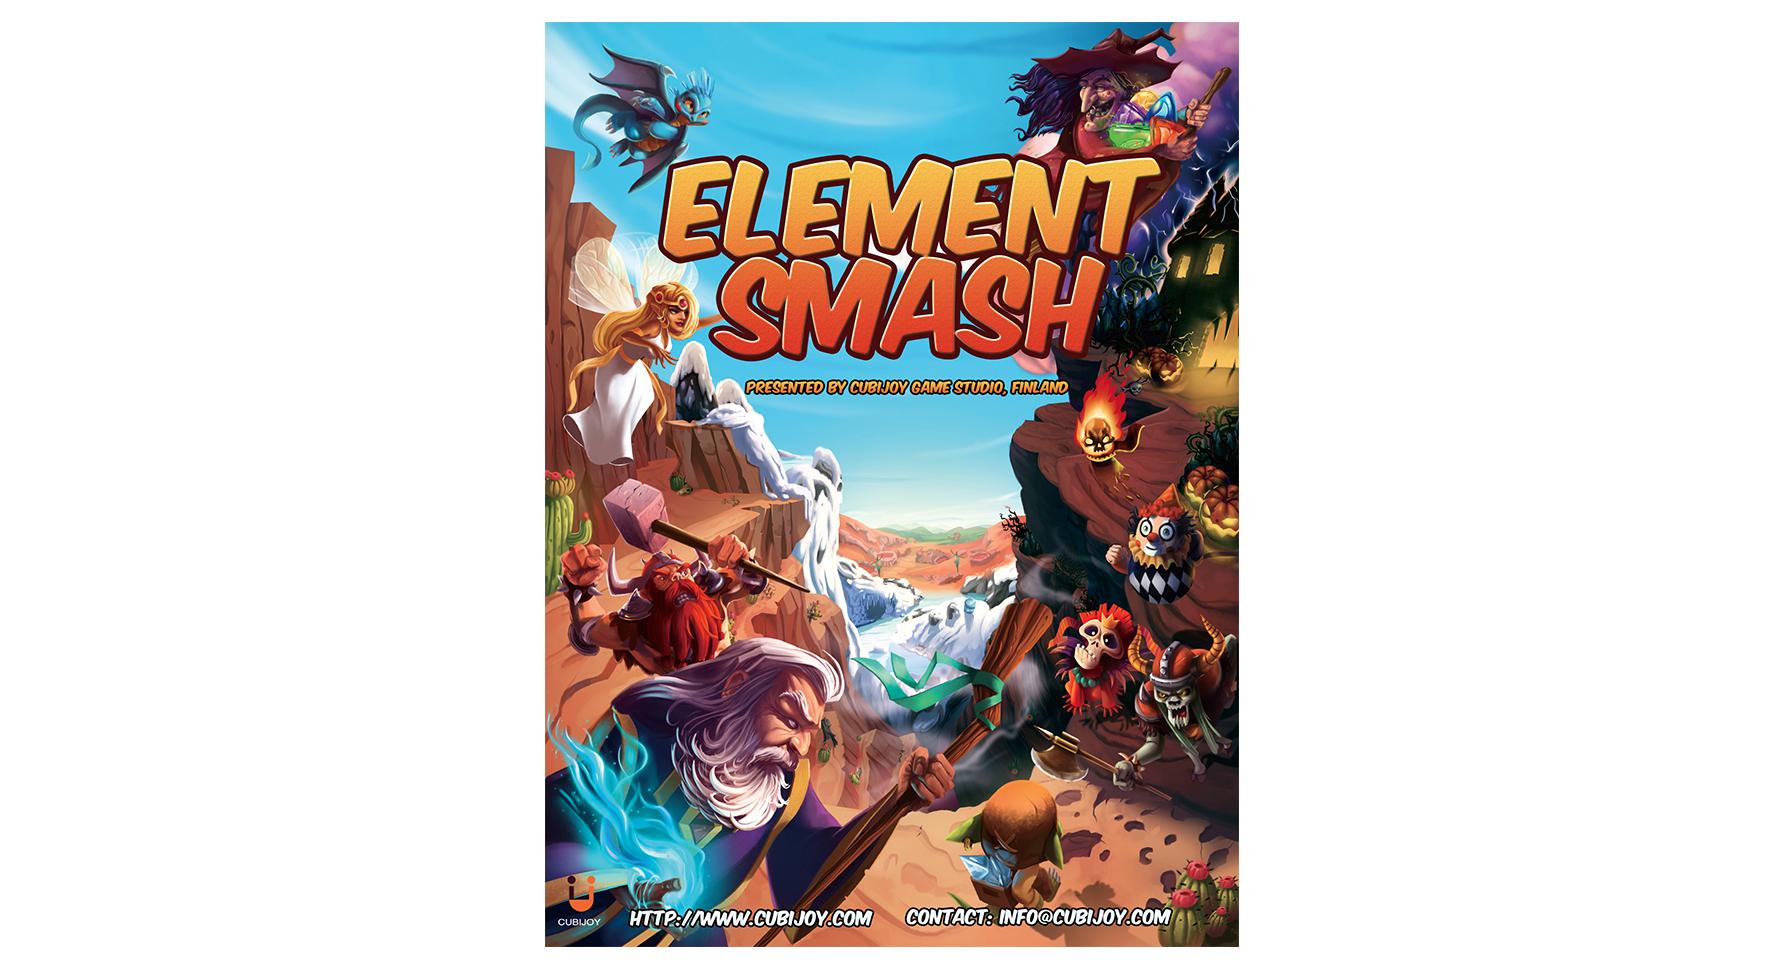 Elementsmash-1